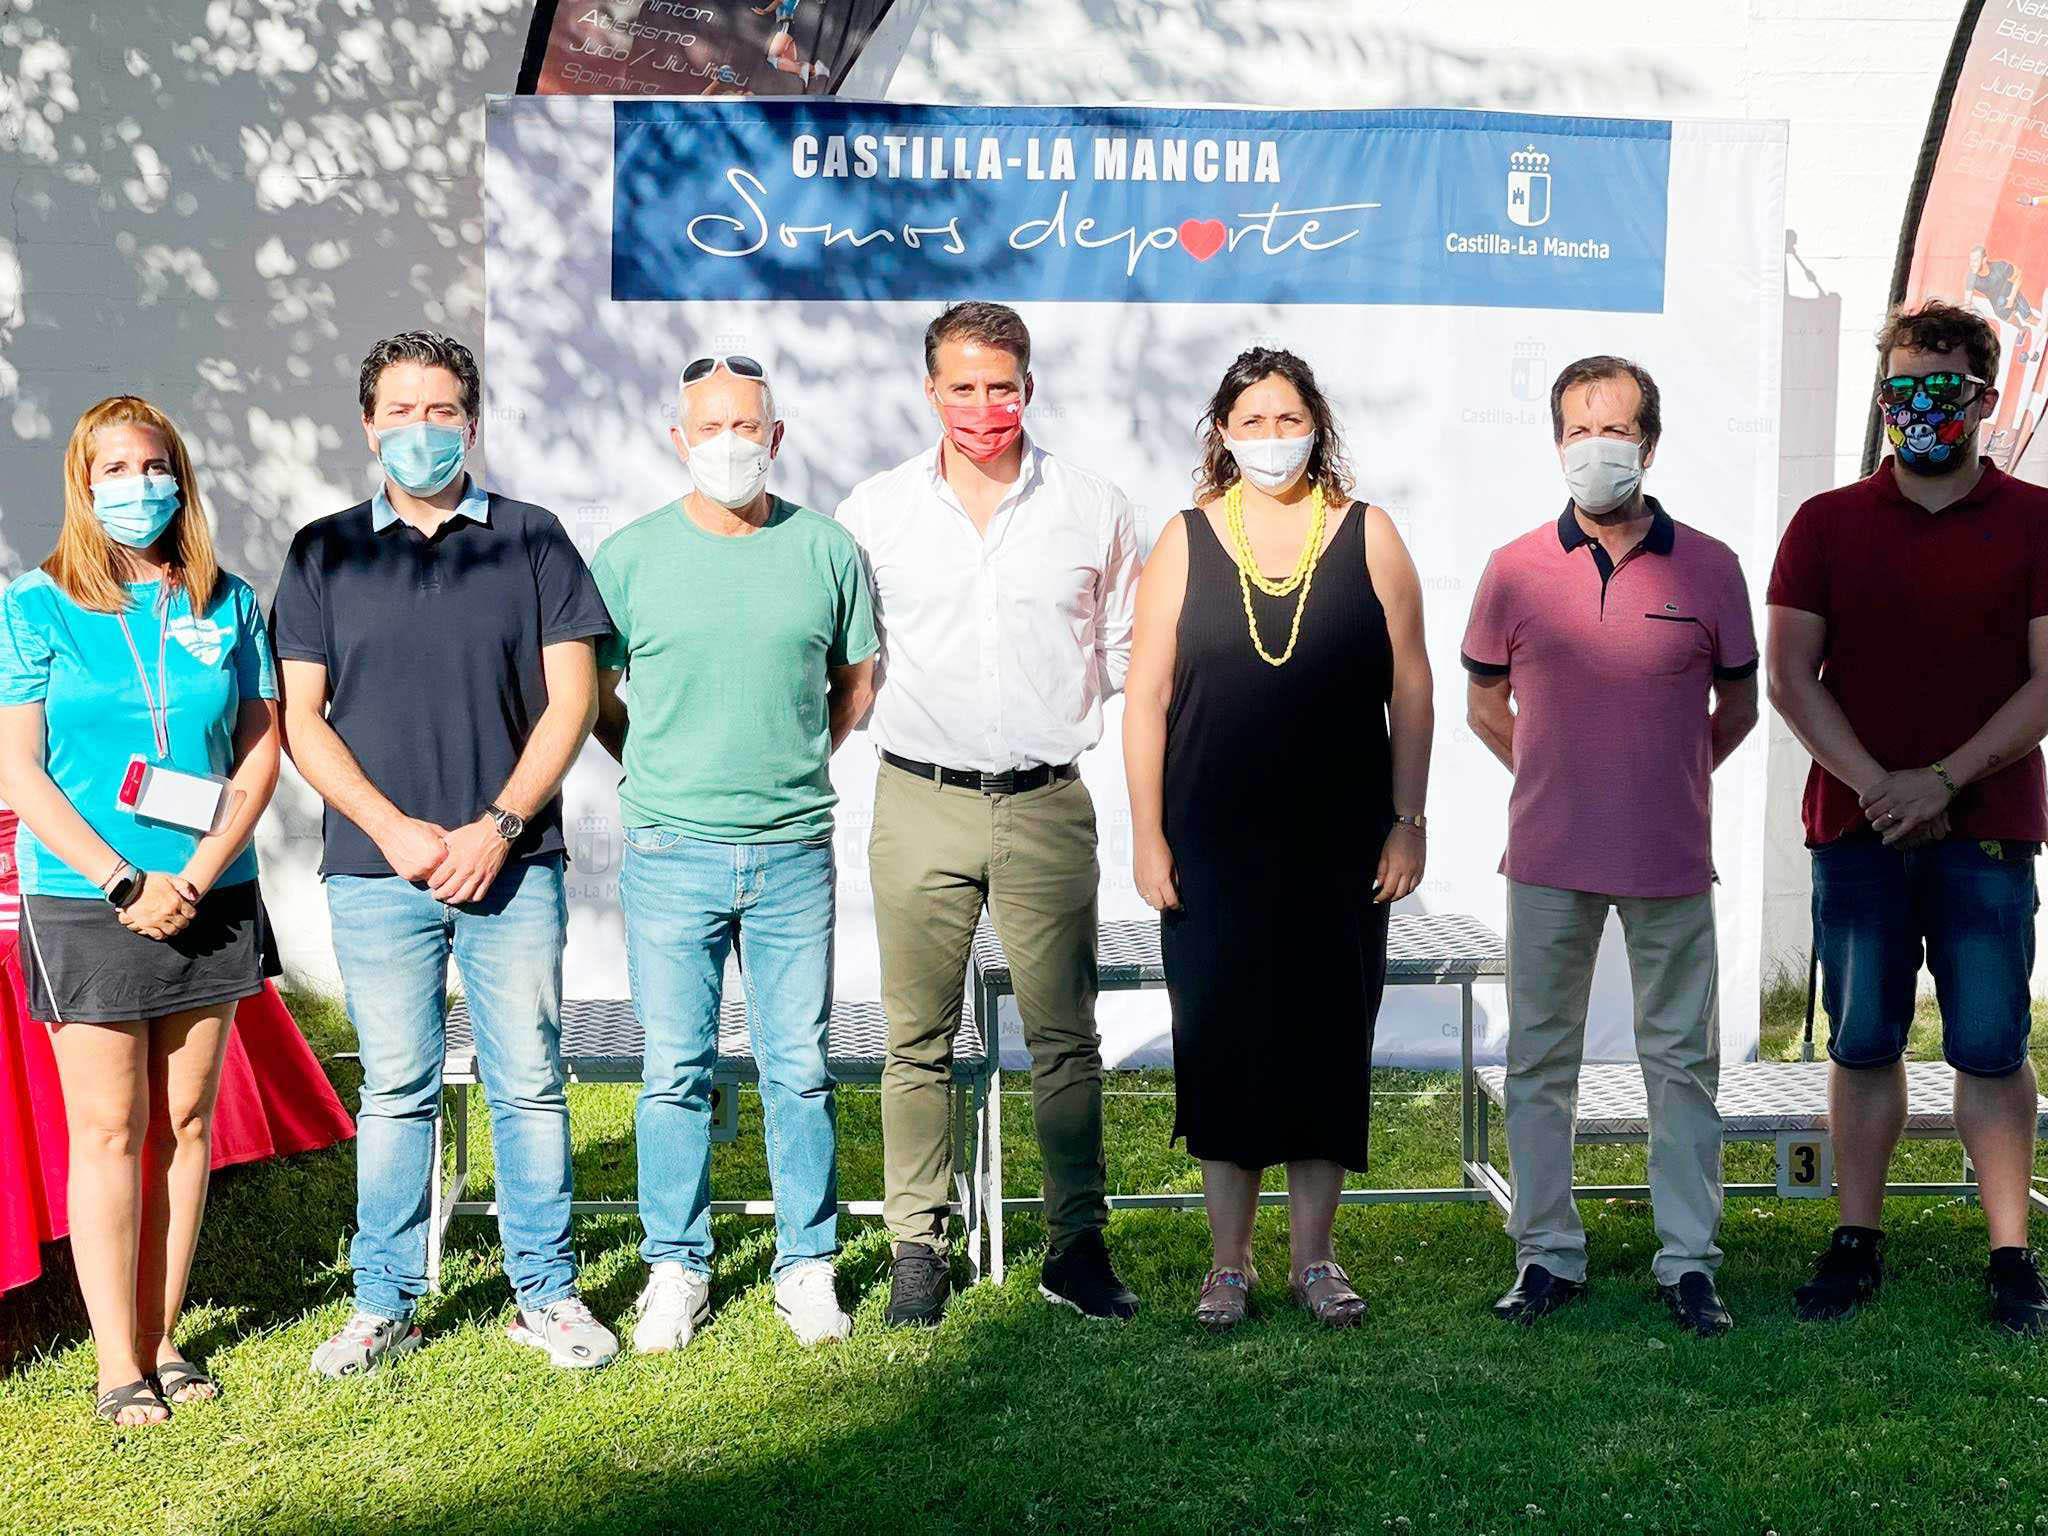 El Gobierno de Castilla-La Mancha felicita a los nadadores de Castilla-La Mancha por su participación en el campeonato de natación celebrado en Puertollano